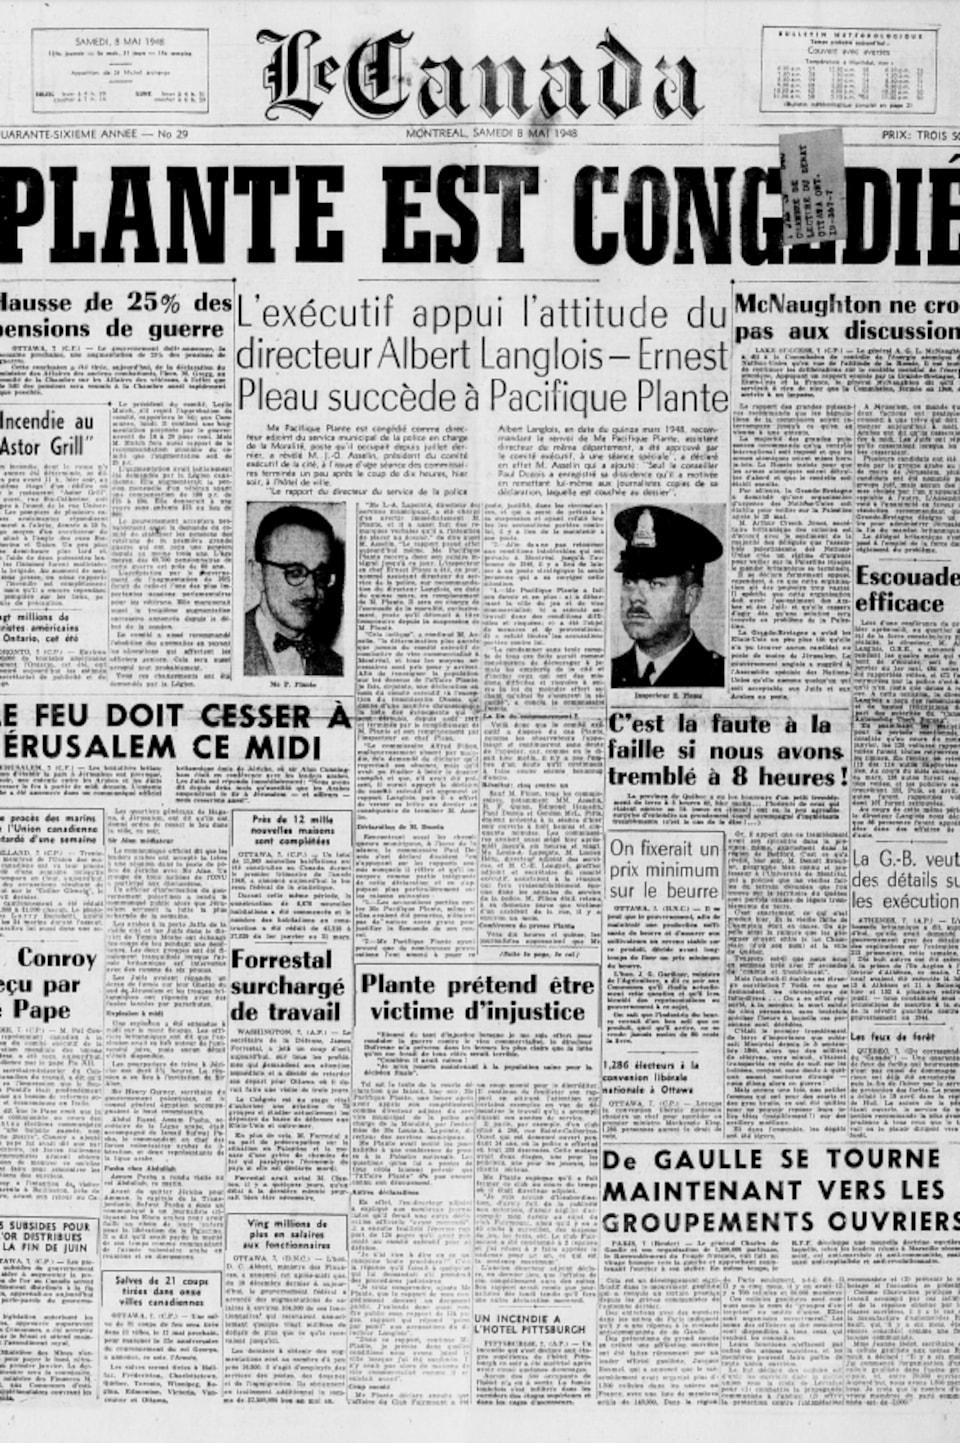 Une du journal Le Canada du 8 mai 1948, annonçant le congédiement de Pacifique Plante.